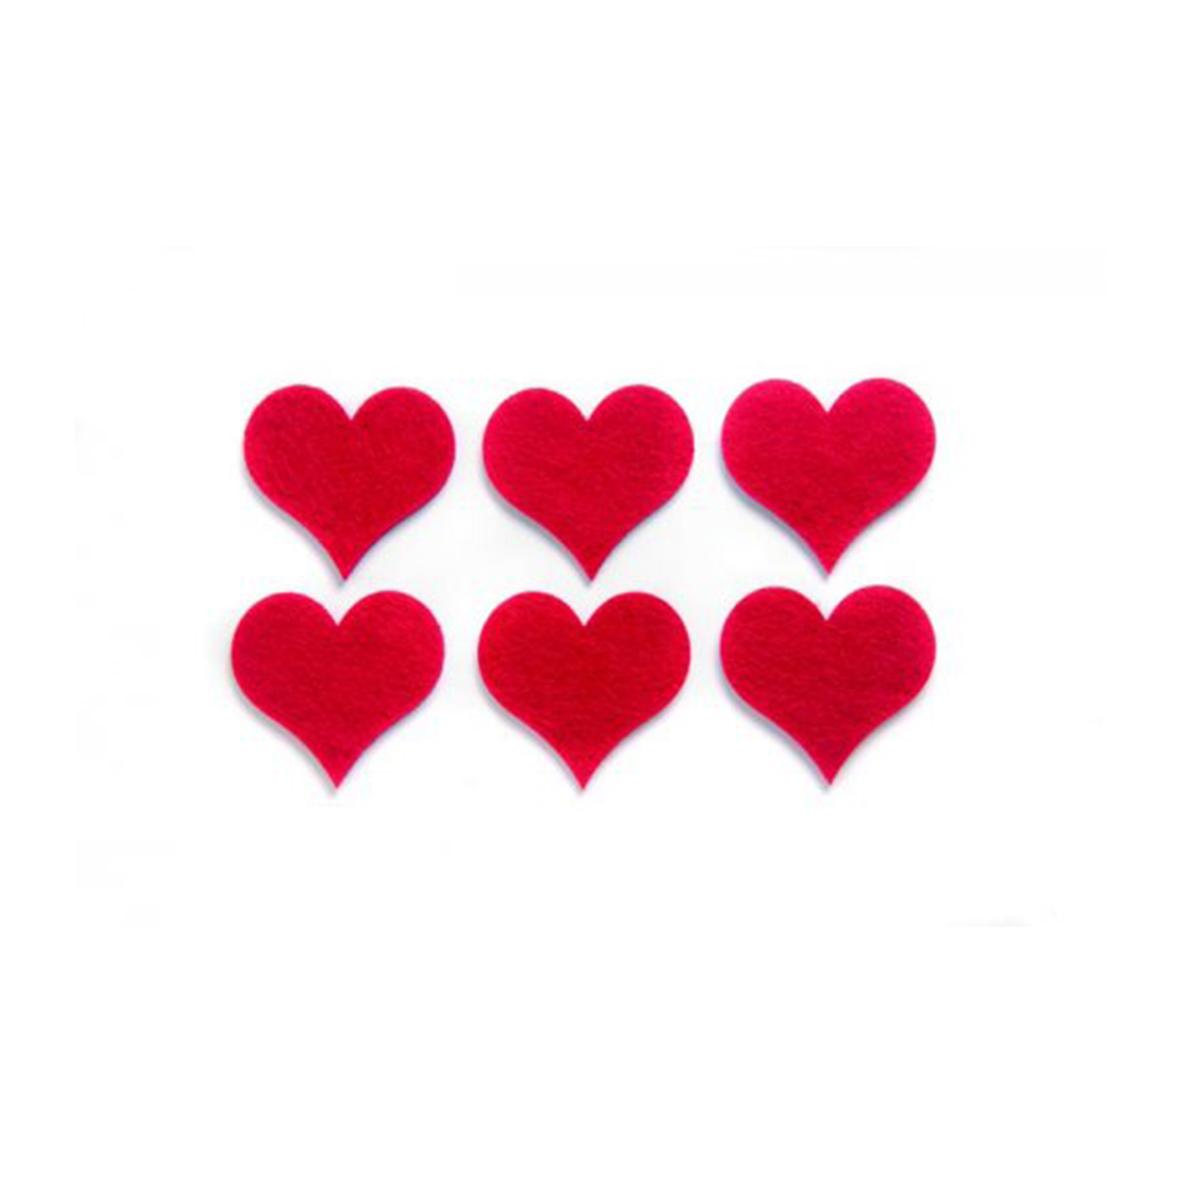 Фигурки из фетра Glorex Сердца, цвет: красный, 6 см, 6 шт318688Фетр пользуется большой популярностью среди рукодельниц. Его любят за эстетичный вид, практичность и отличную текстуру. Из данного материала вашему вниманию предлагаются заготовки Glorex. Широкое разнообразие цветов и форм поможет реализовать творческие задумки и гармоничным образом дополнить ваше творение. Из фетра можно создавать обложки для книг, ежедневников, игрушки, декоративные чехлы для подушек и многое, многое другое.